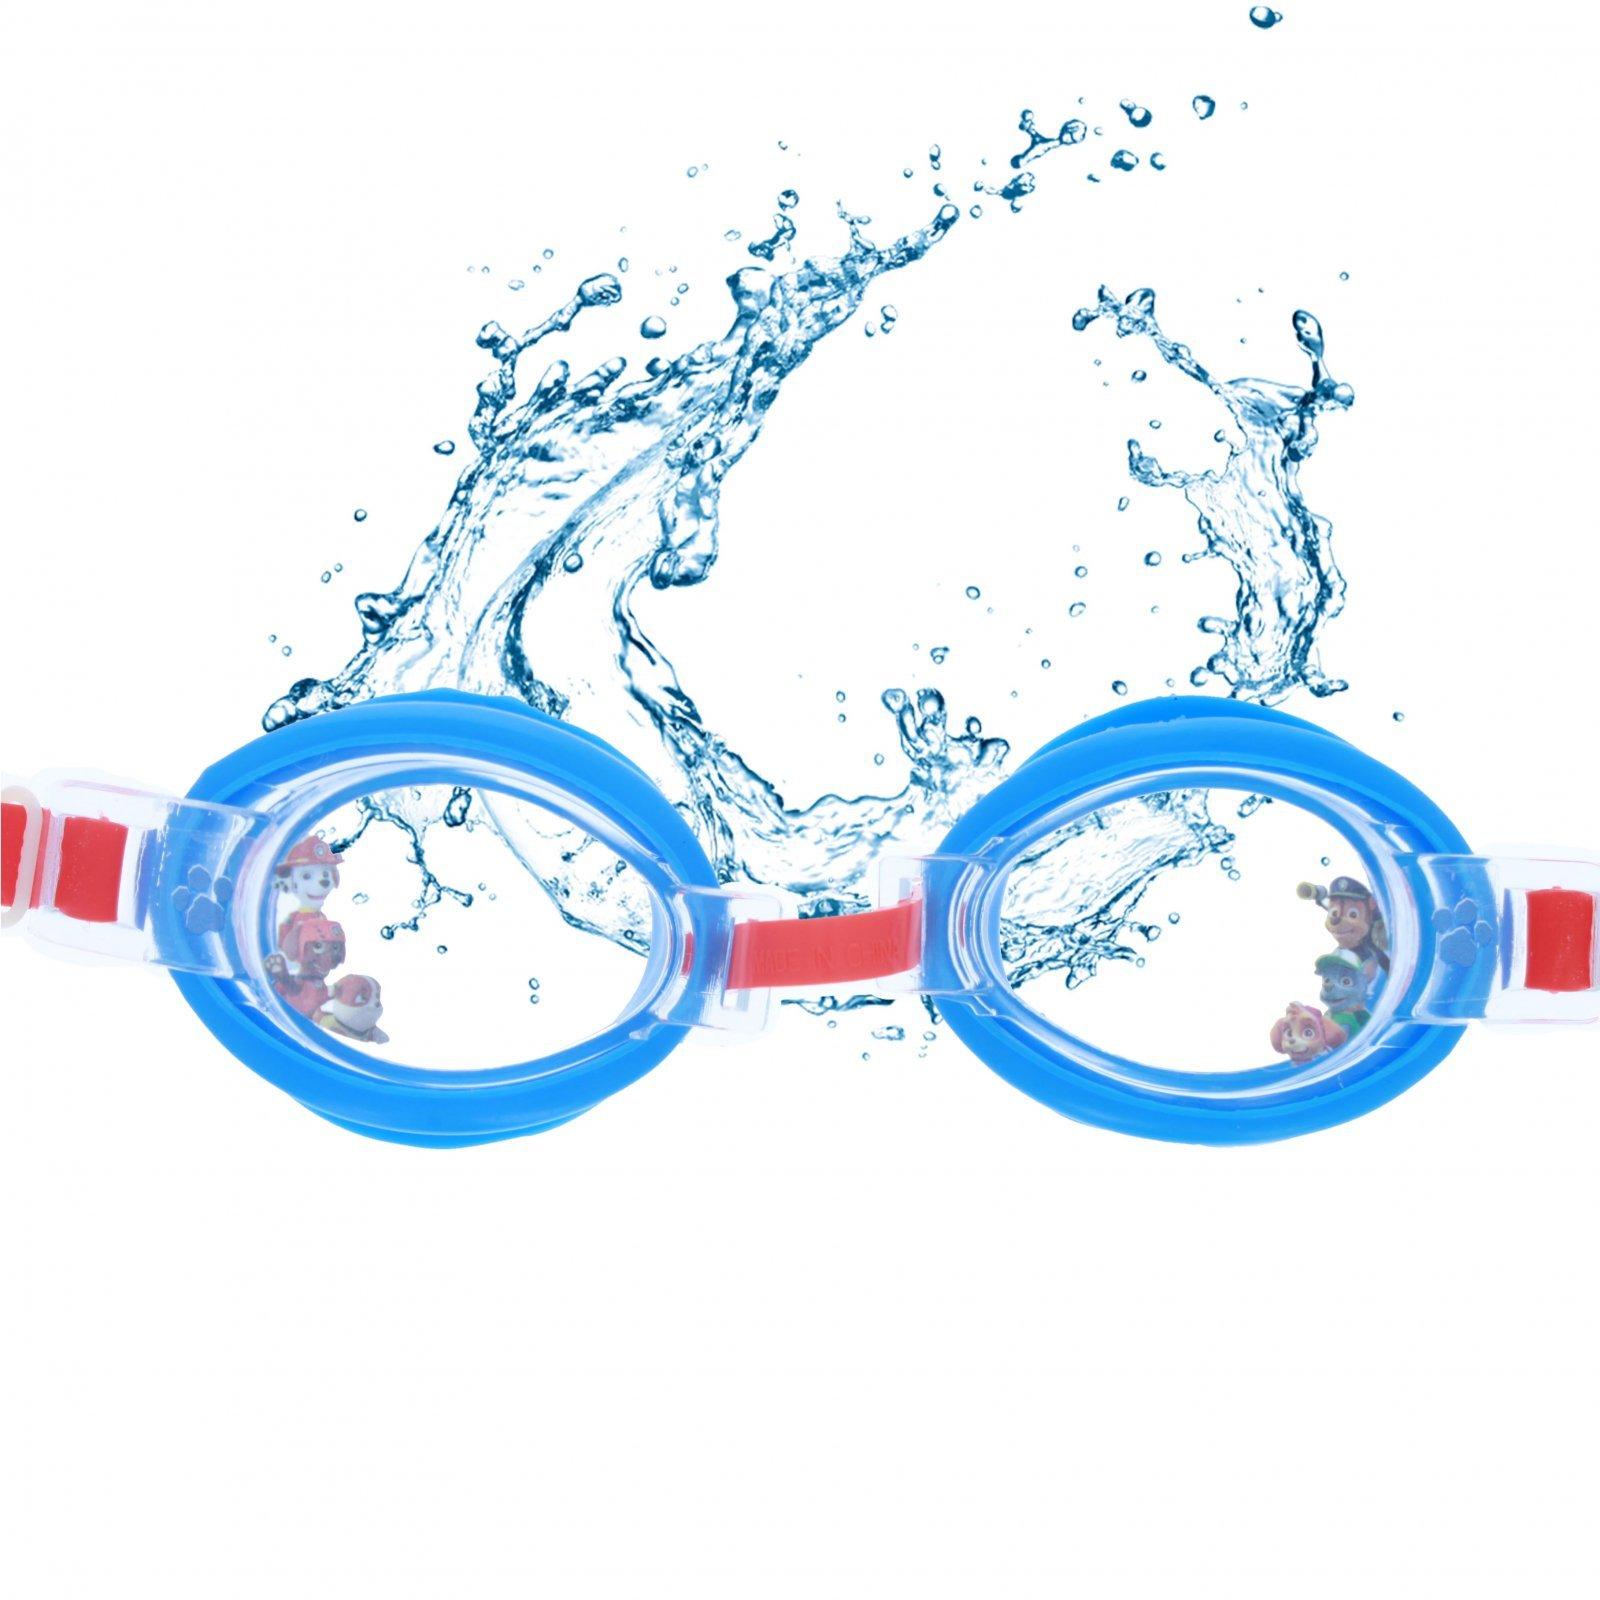 Nick Jr Paw Patrol Swim Gear Splash Goggles Kids Summer Swim Accessories